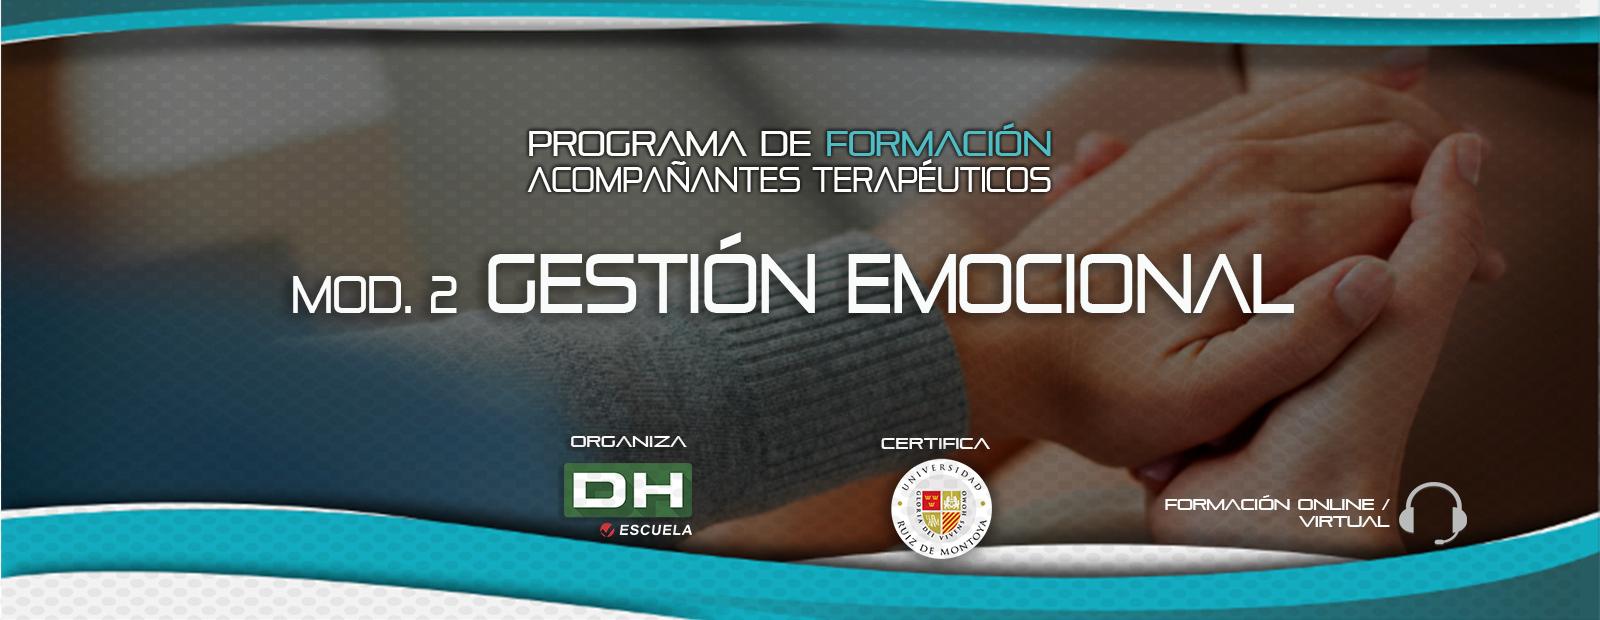 Módulo 02 GESTIÓN EMOCIONAL